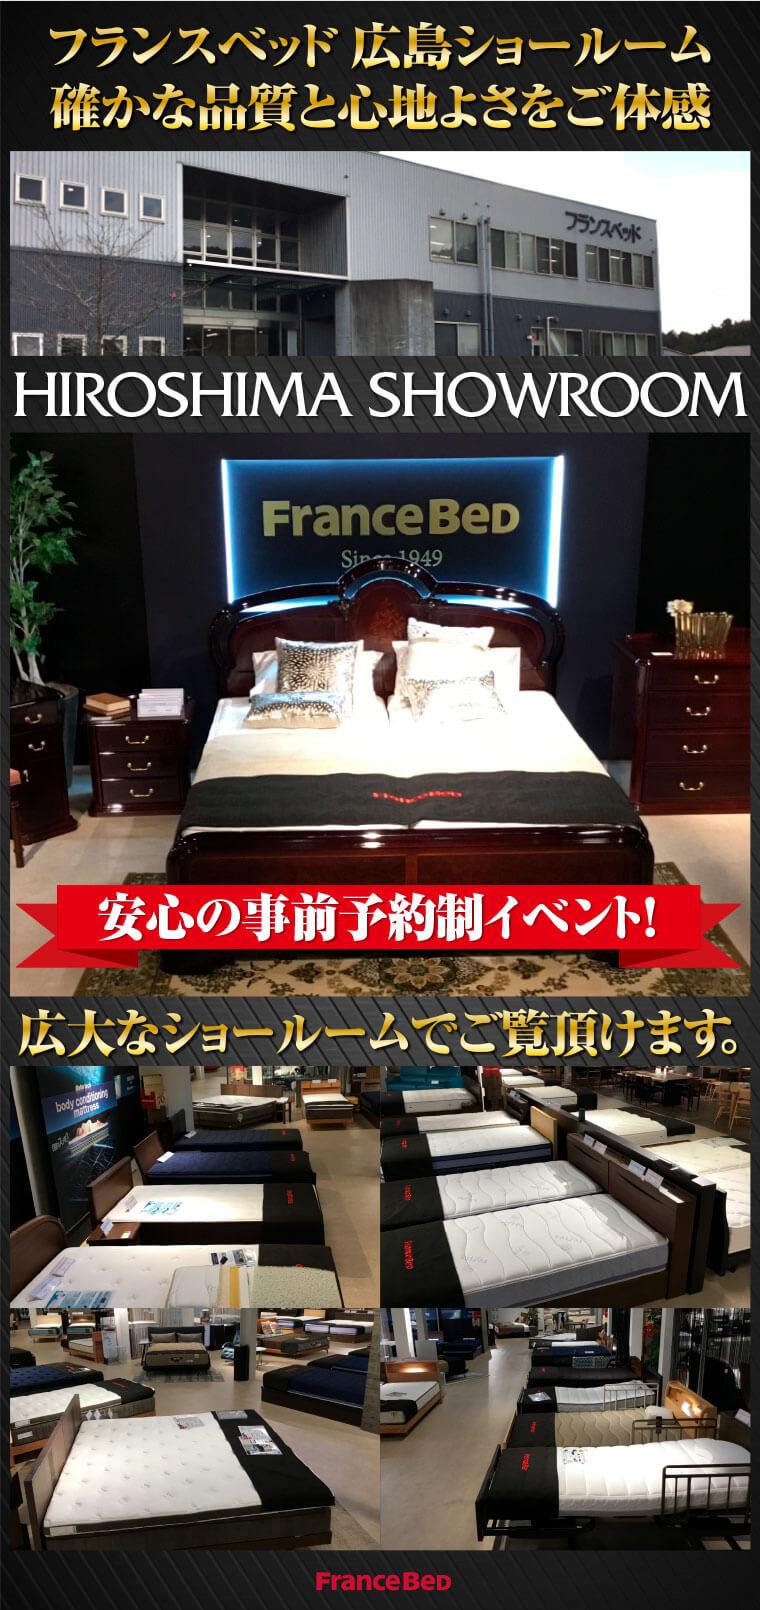 フランスベッド広島ショールーム